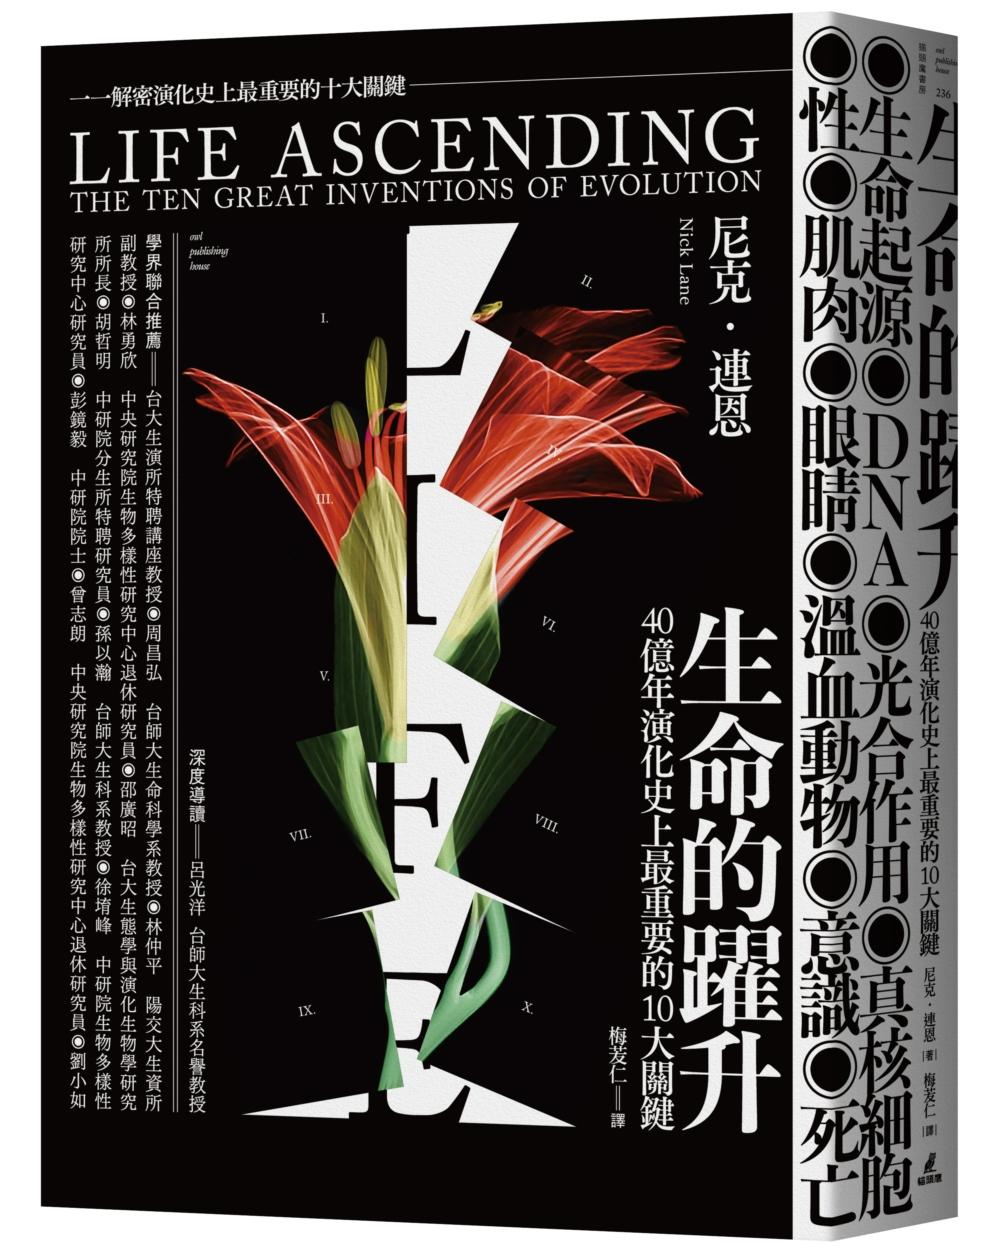 生命的躍升:40 億年演化史上...